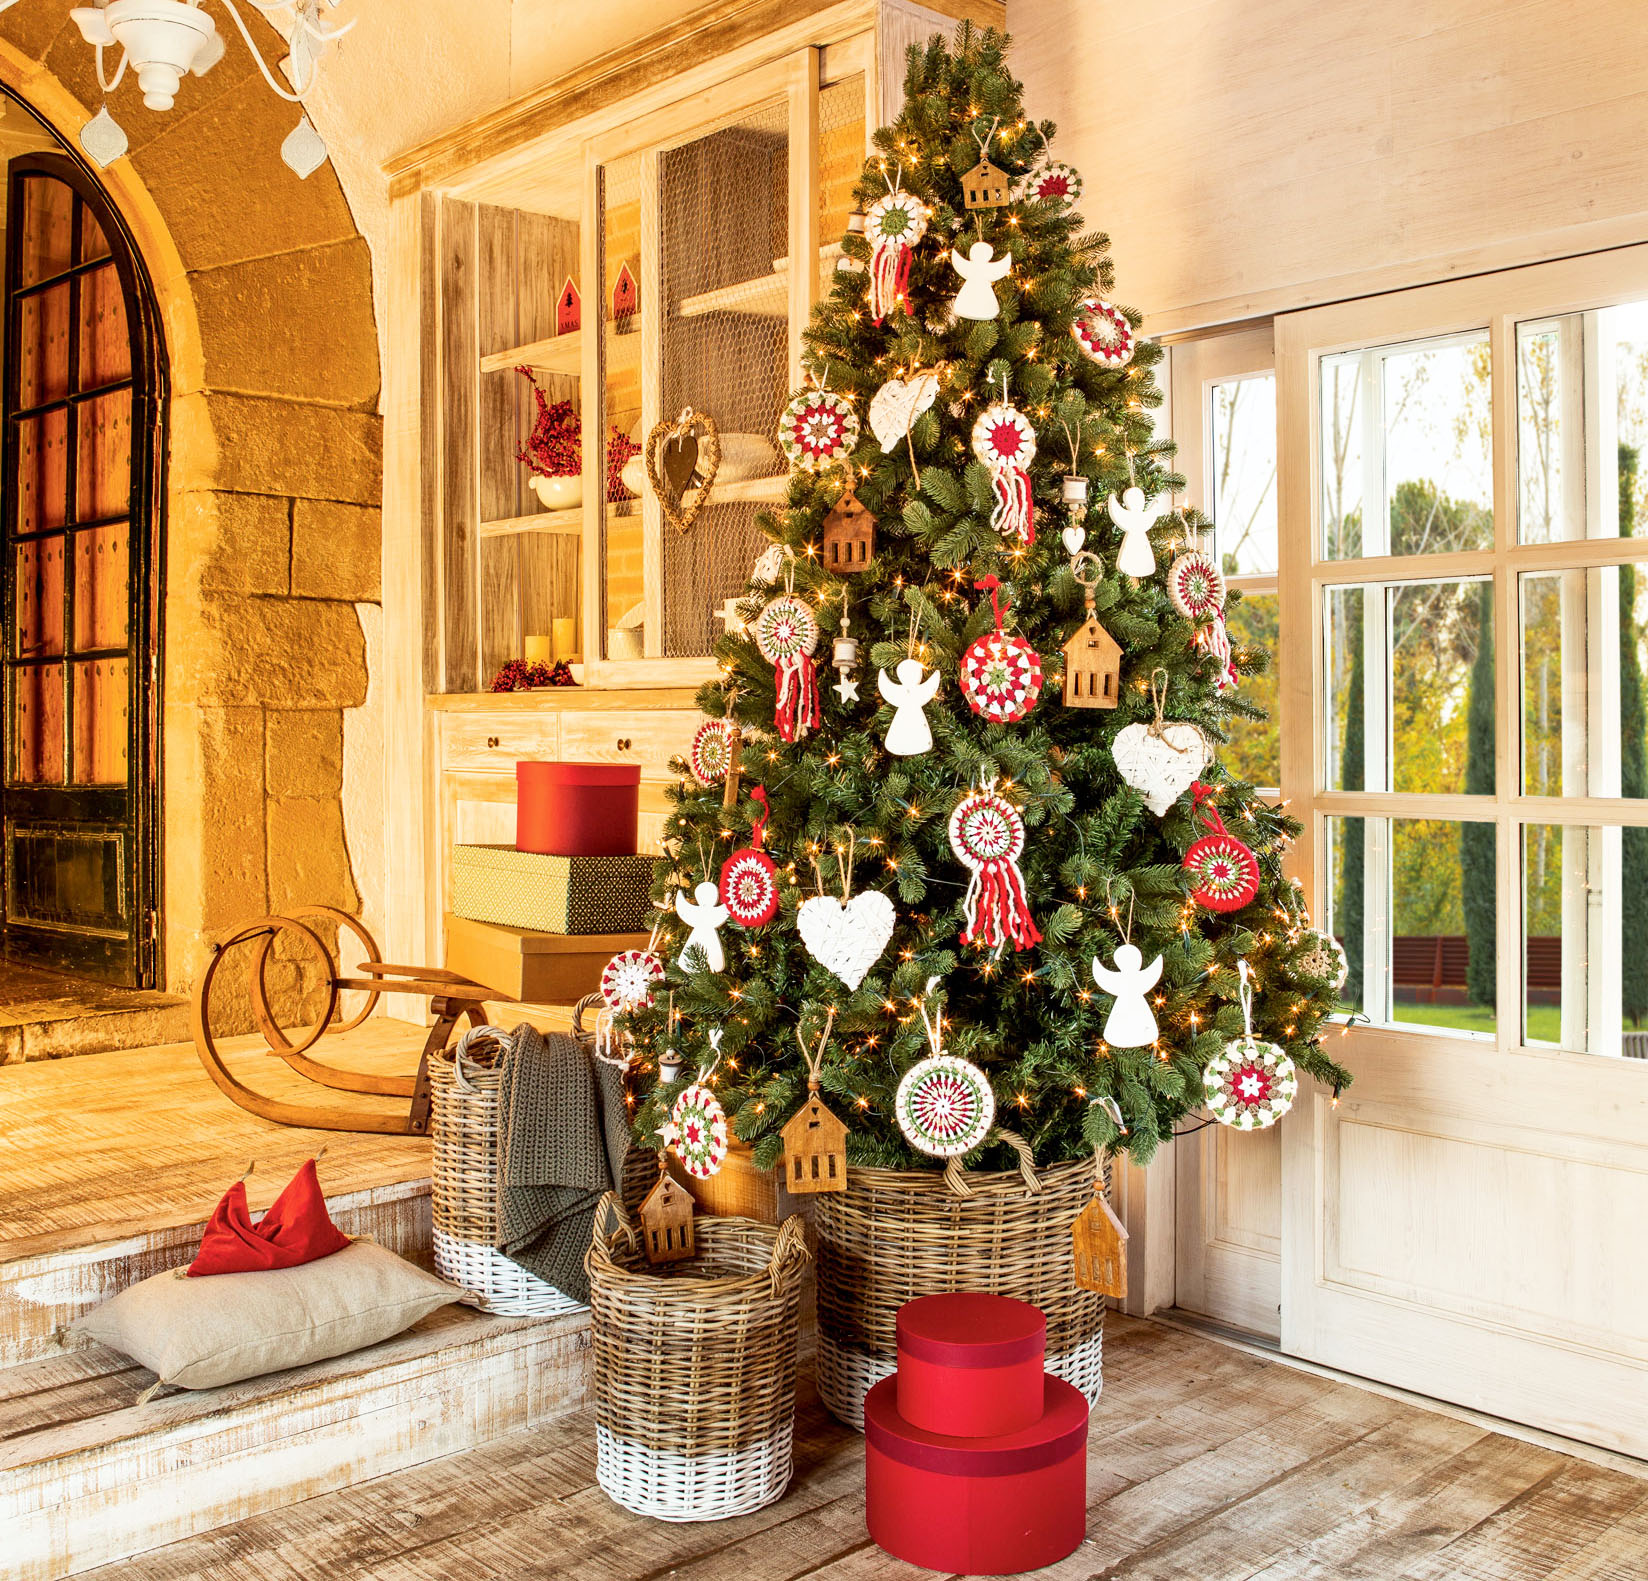 D nde poner el rbol de navidad en casa for Adornos navidenos que se pueden hacer en casa